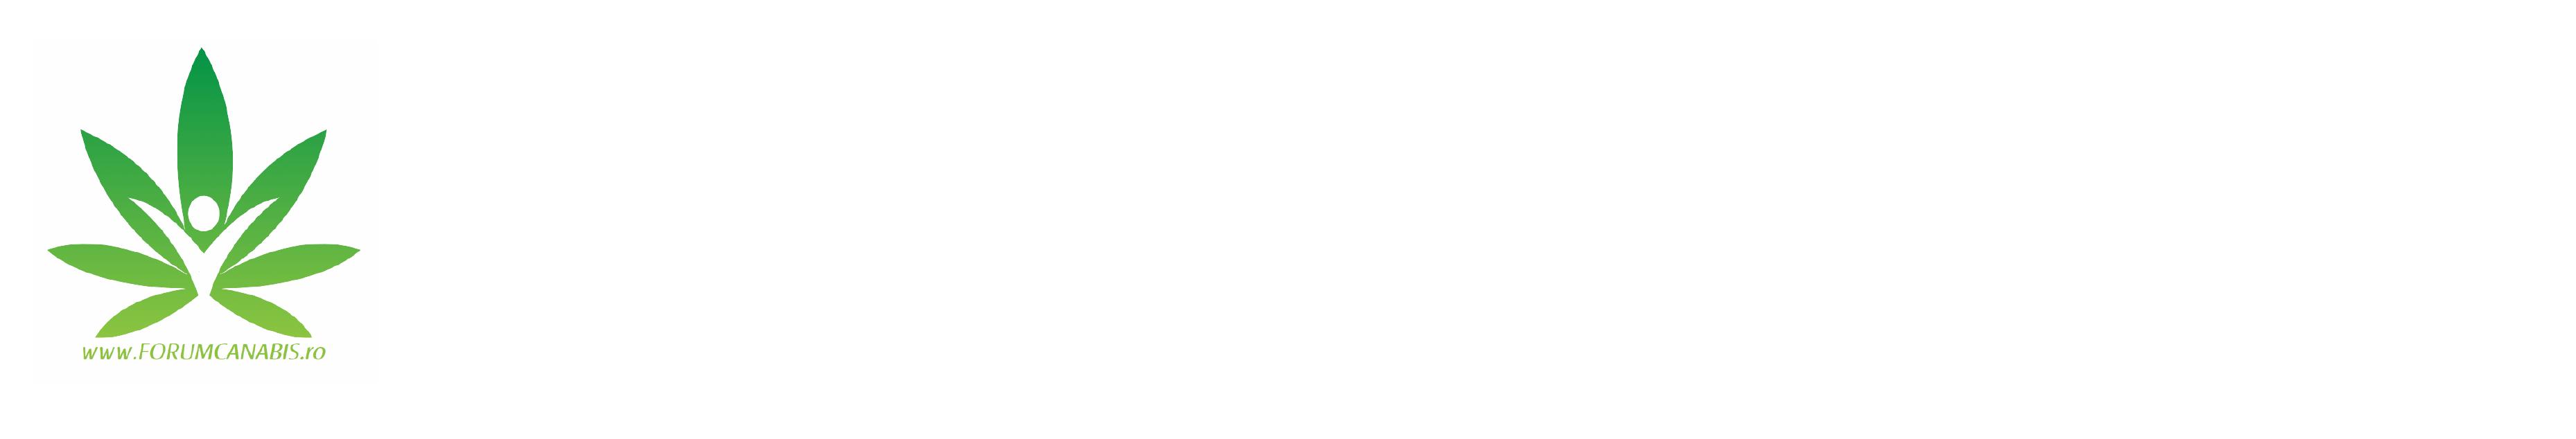 Forum Canabis România